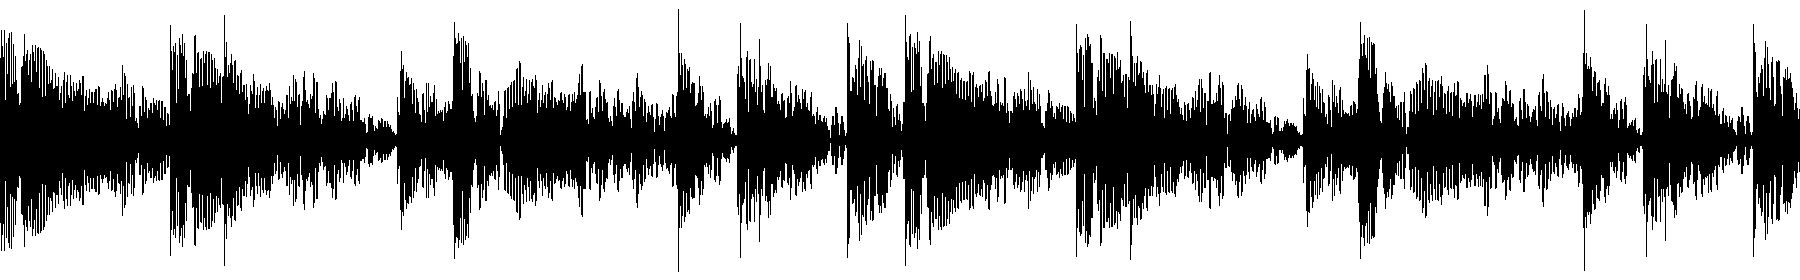 blbc electrodrums fx 95 01